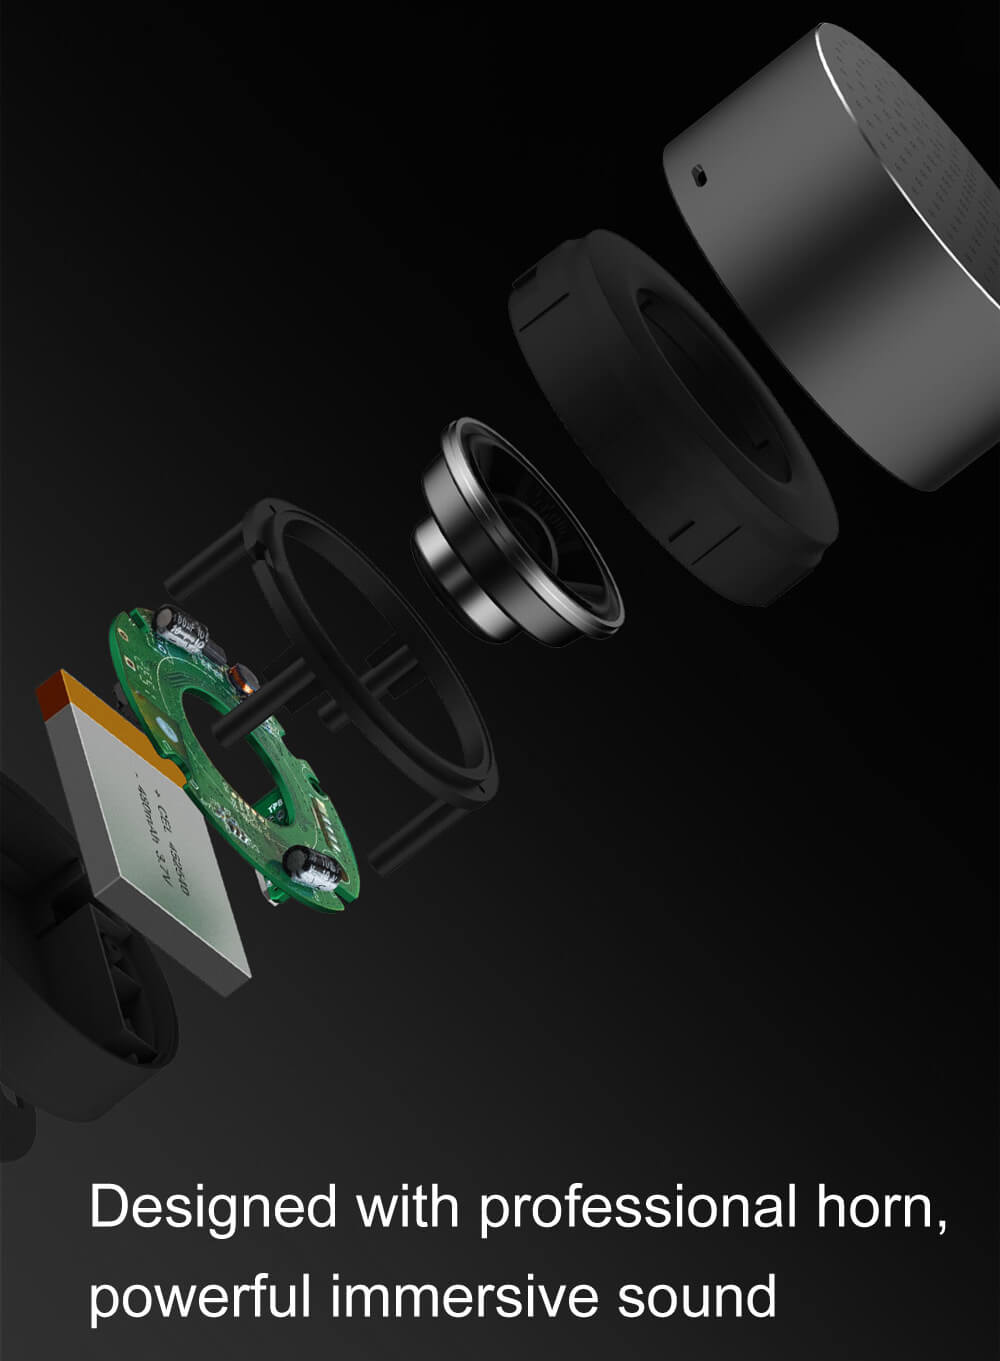 מיני רמקול נייד של חברת xiaomi עם בלוטוס